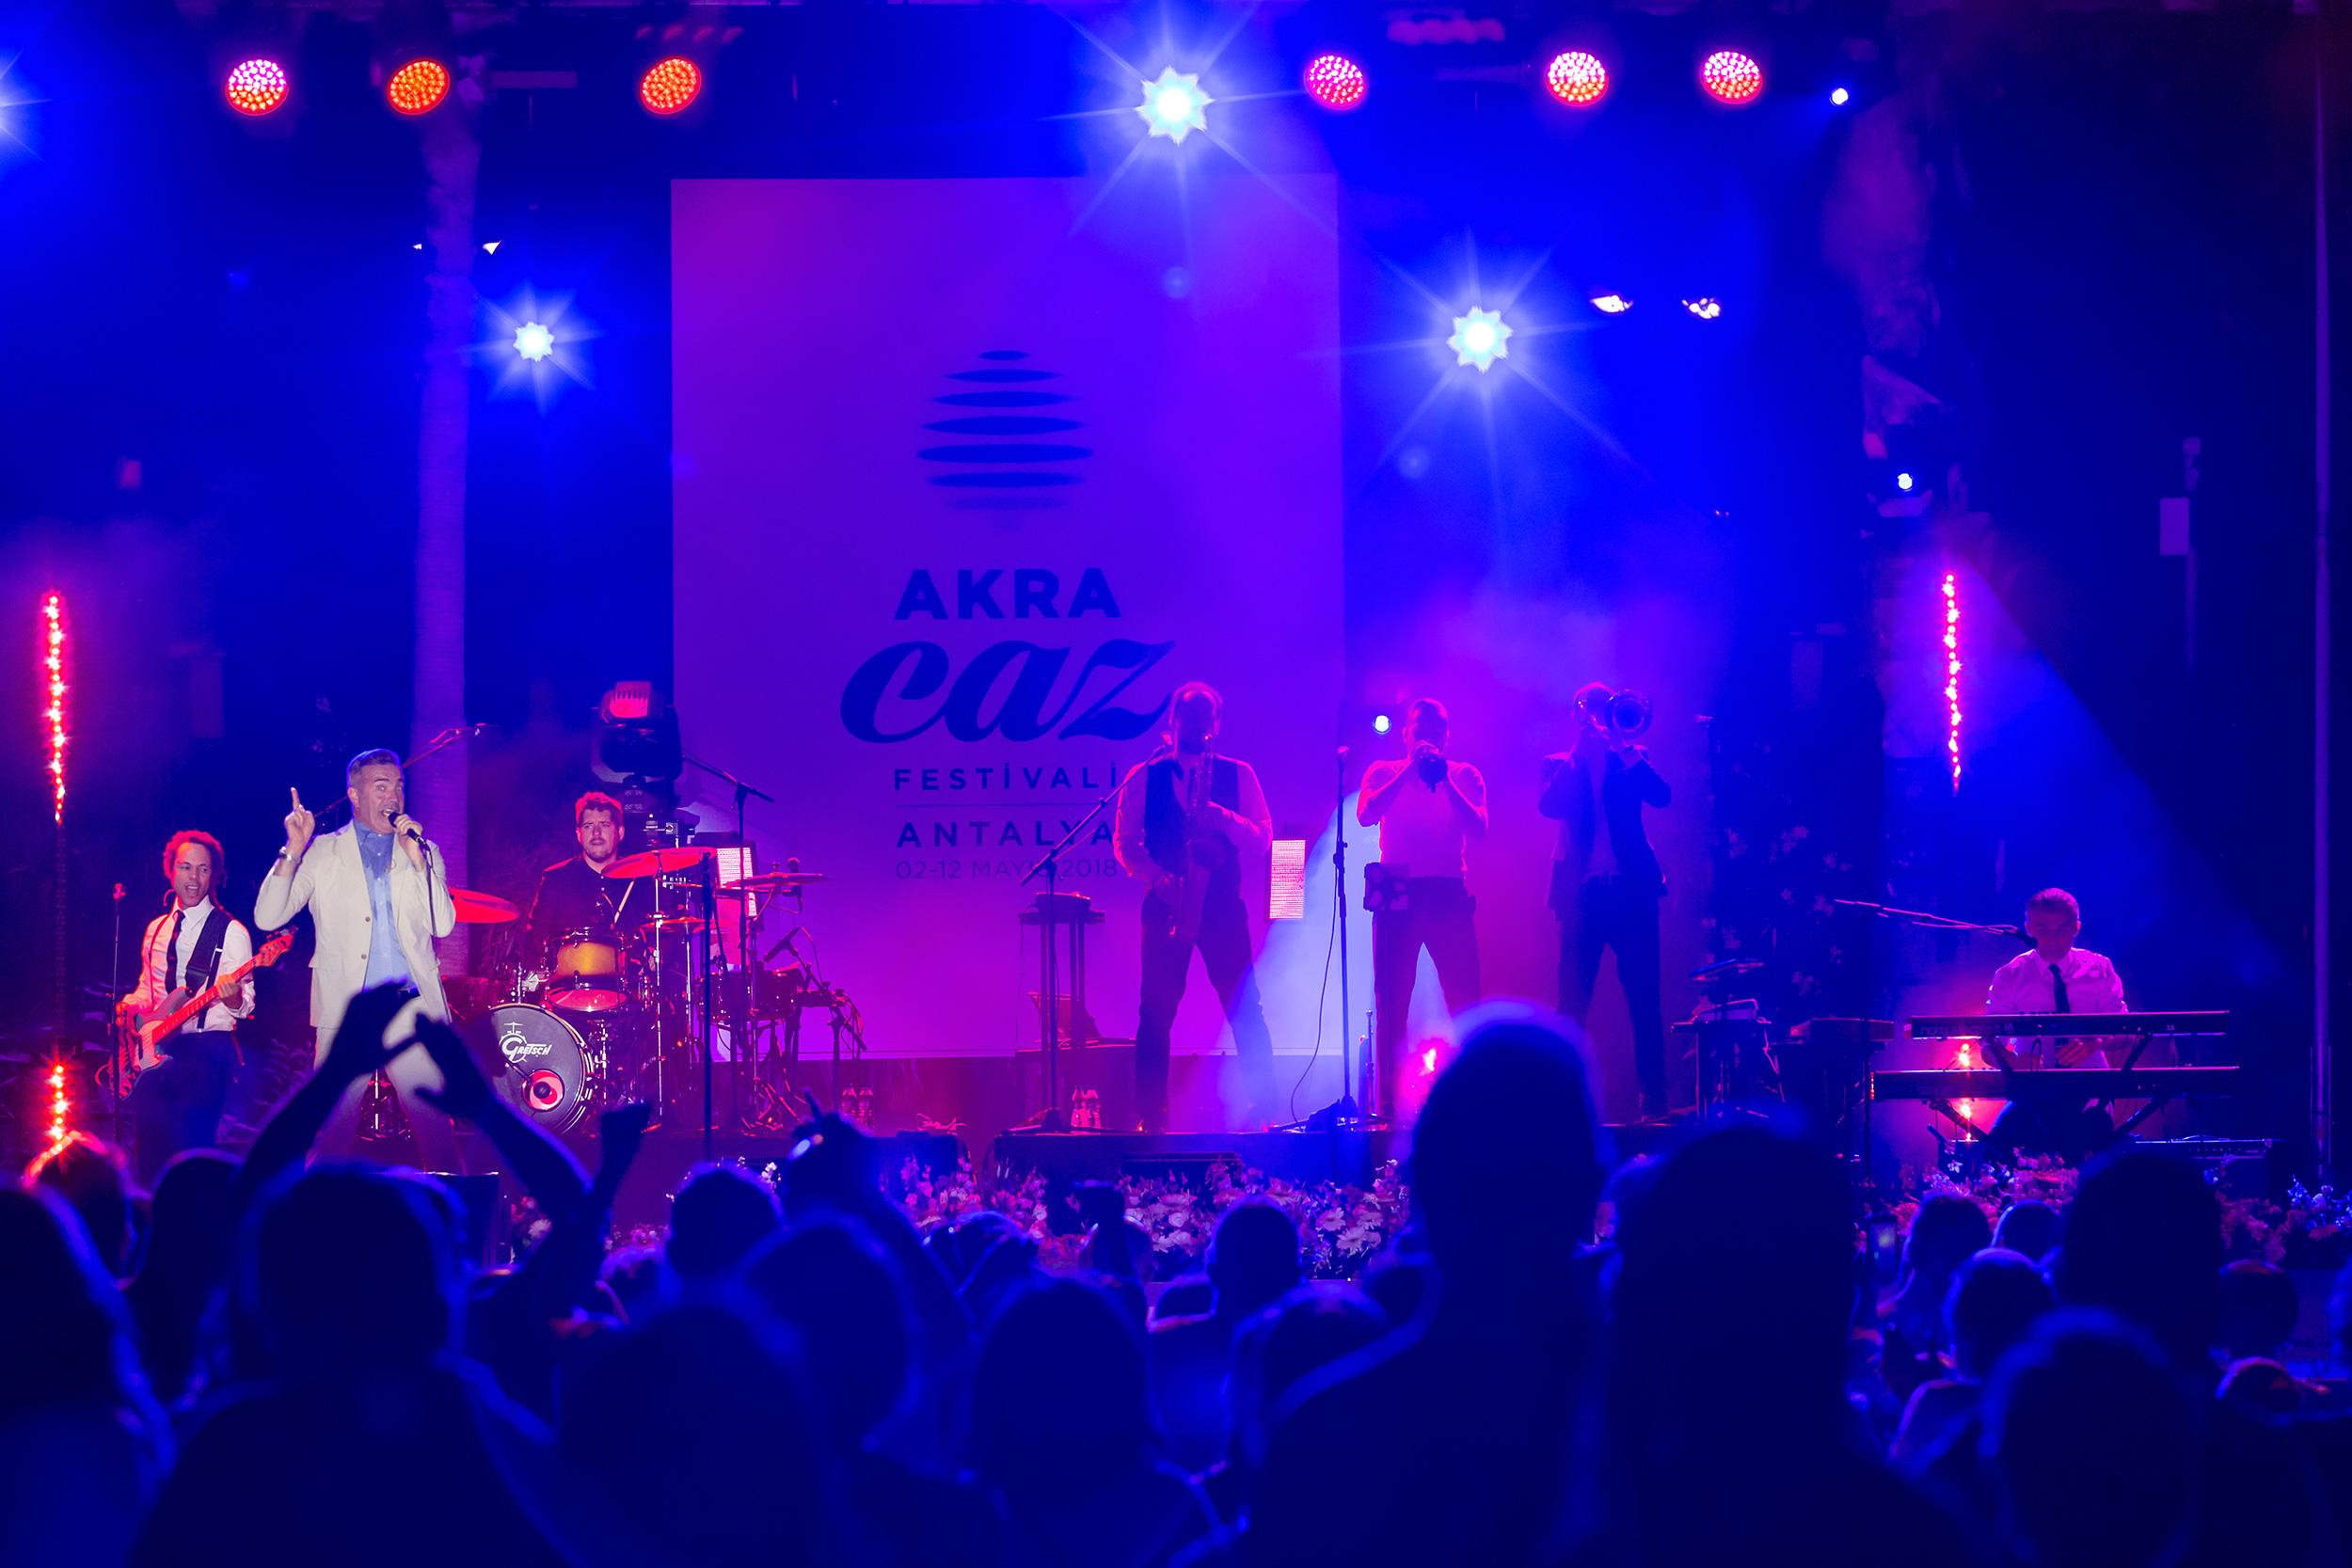 """Akra Caz Festivali'nde Fransız grup """"Electro Deluxe"""" sahne aldı"""